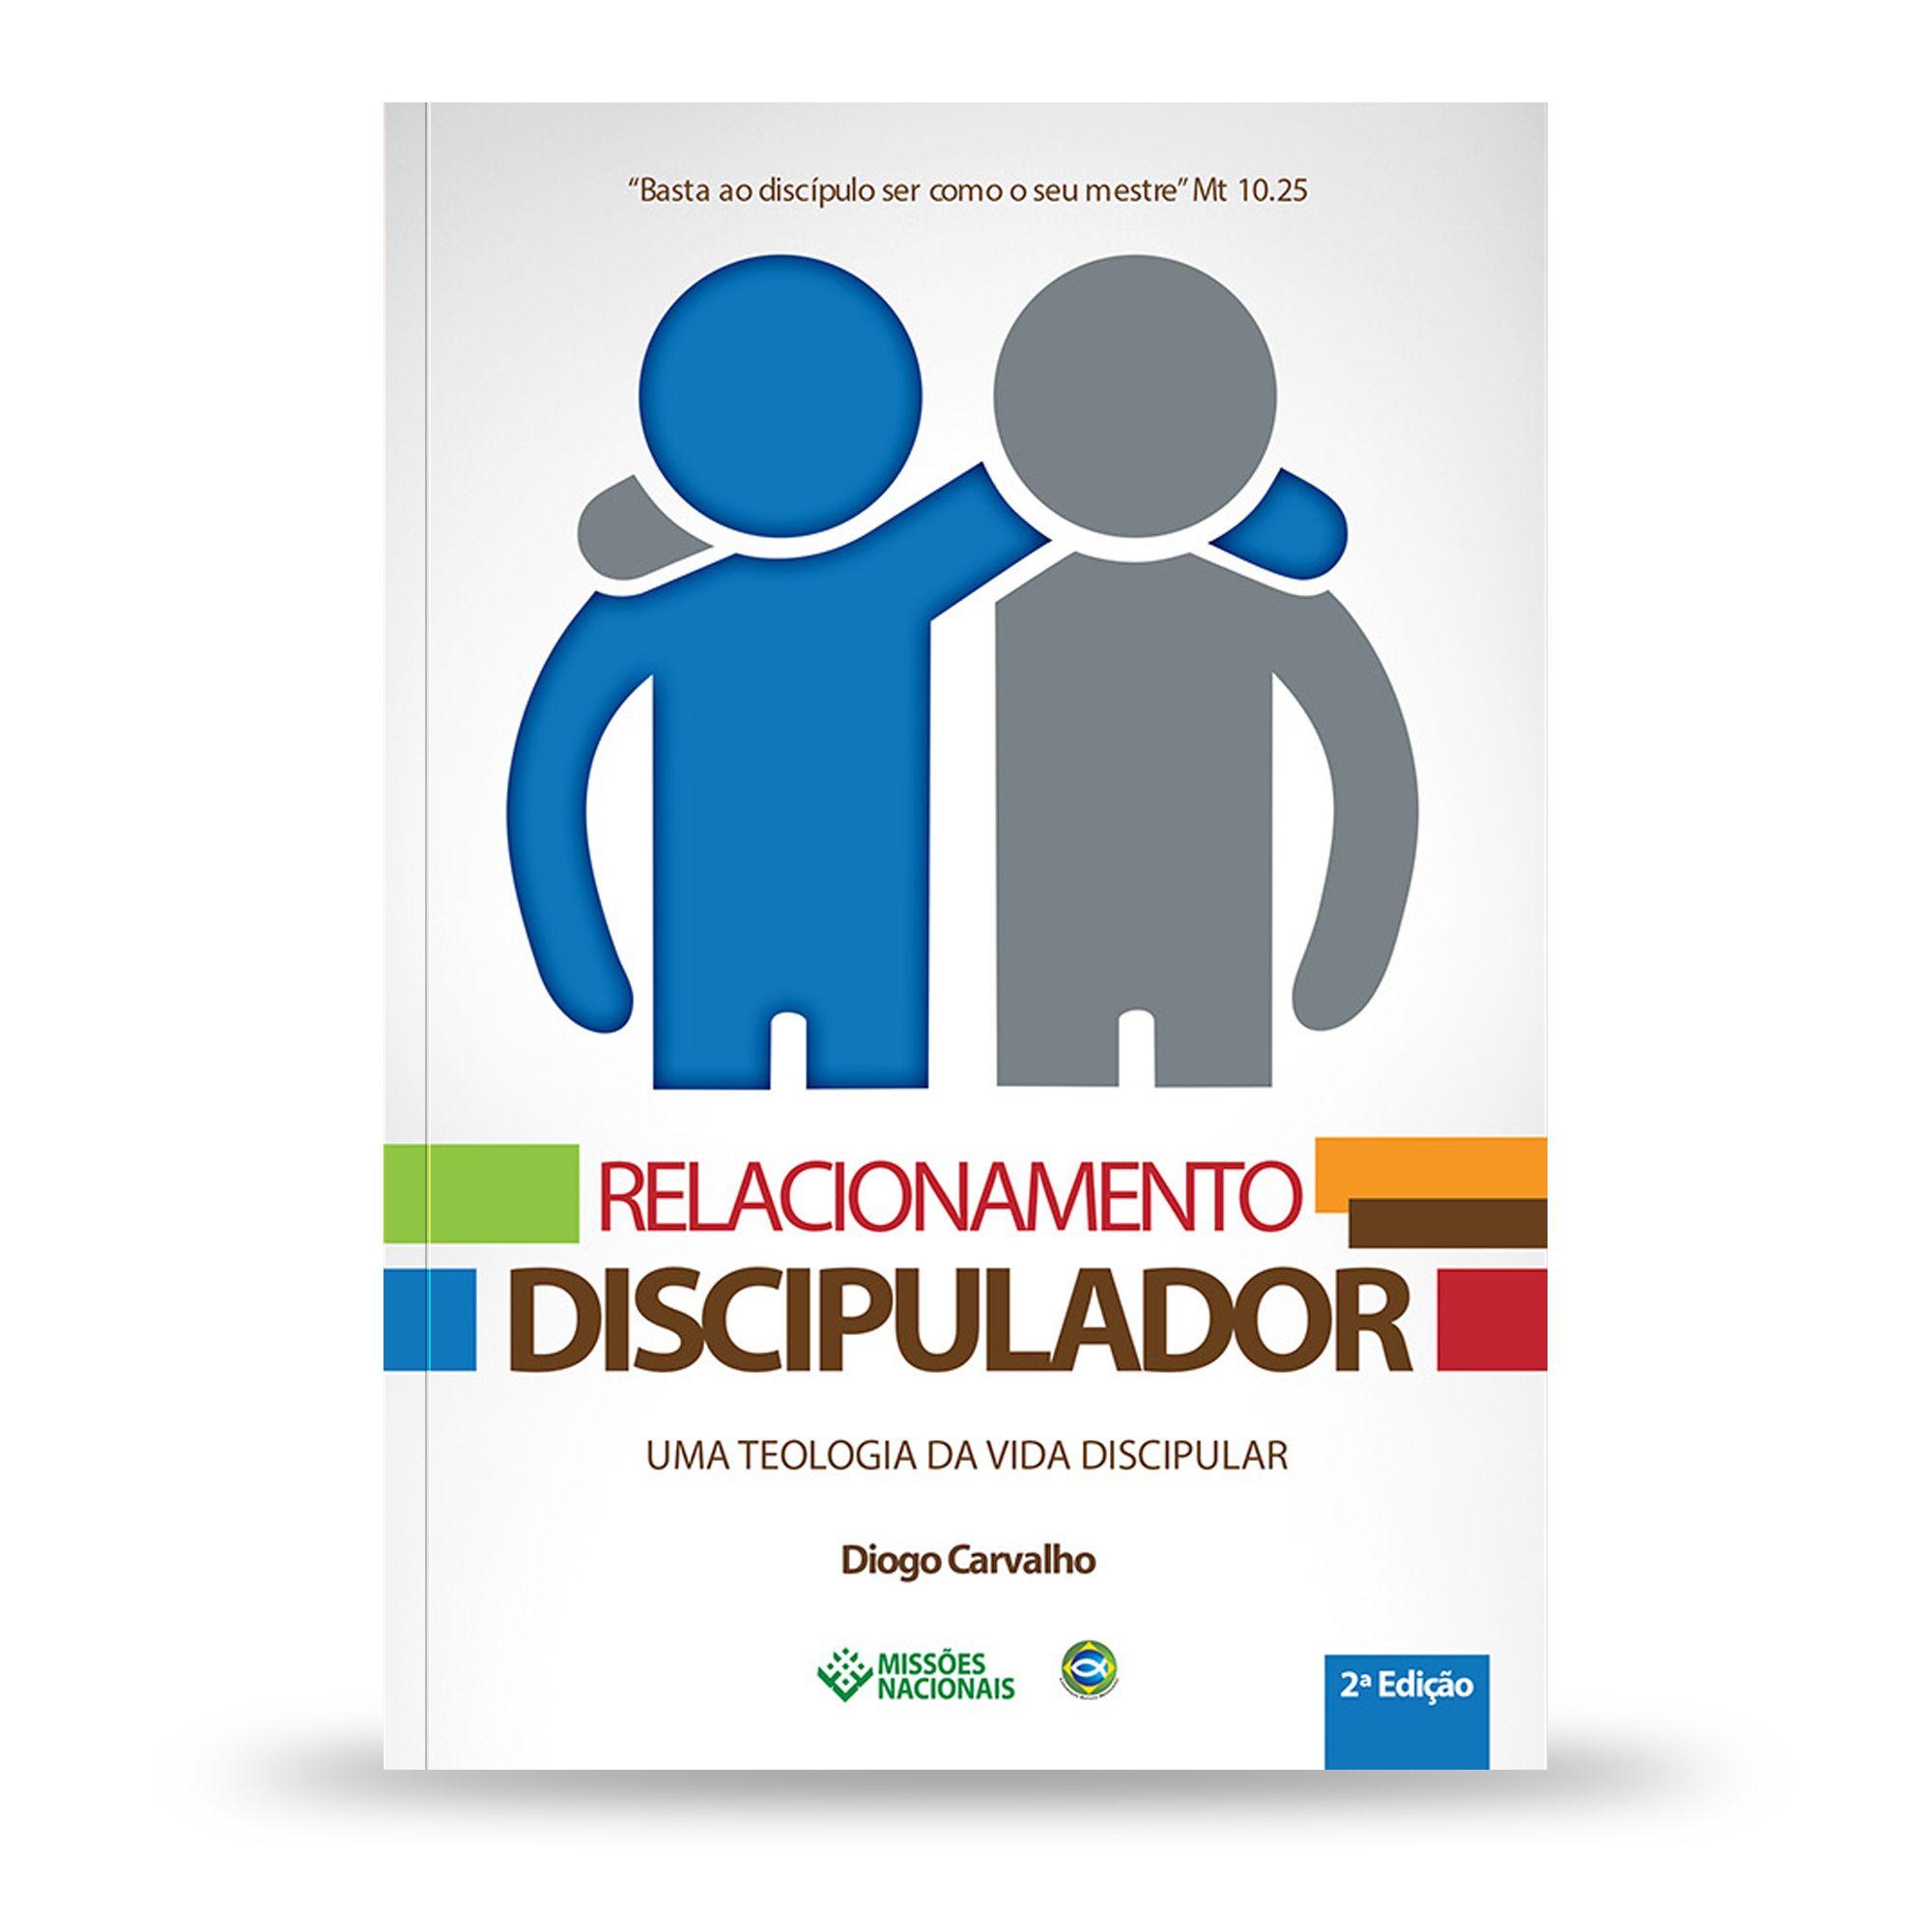 Relacionamento Discipulador - Uma Teologia da Vida Discipular